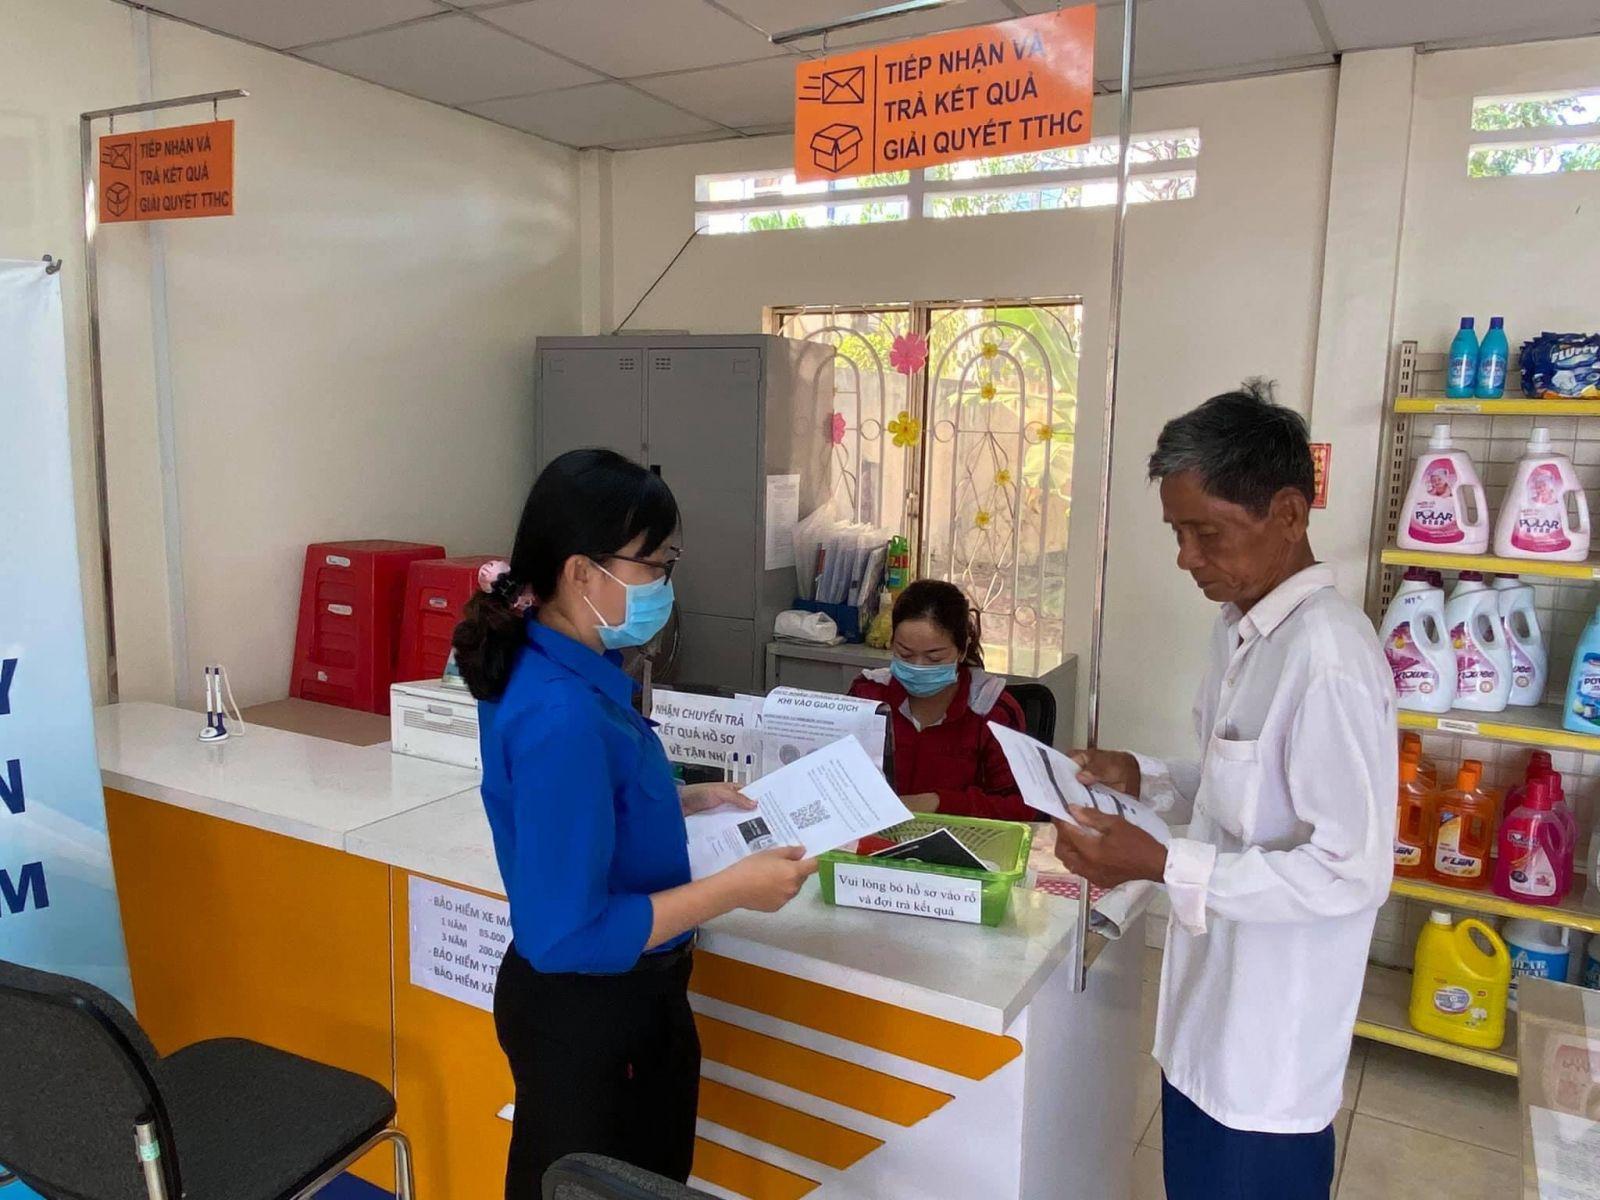 Đoàn viên, thanh niên xã An Lục Long phát tờ rơi và hướng dẫn cho người dân cách sử dụng dịch vụ công trực tuyến